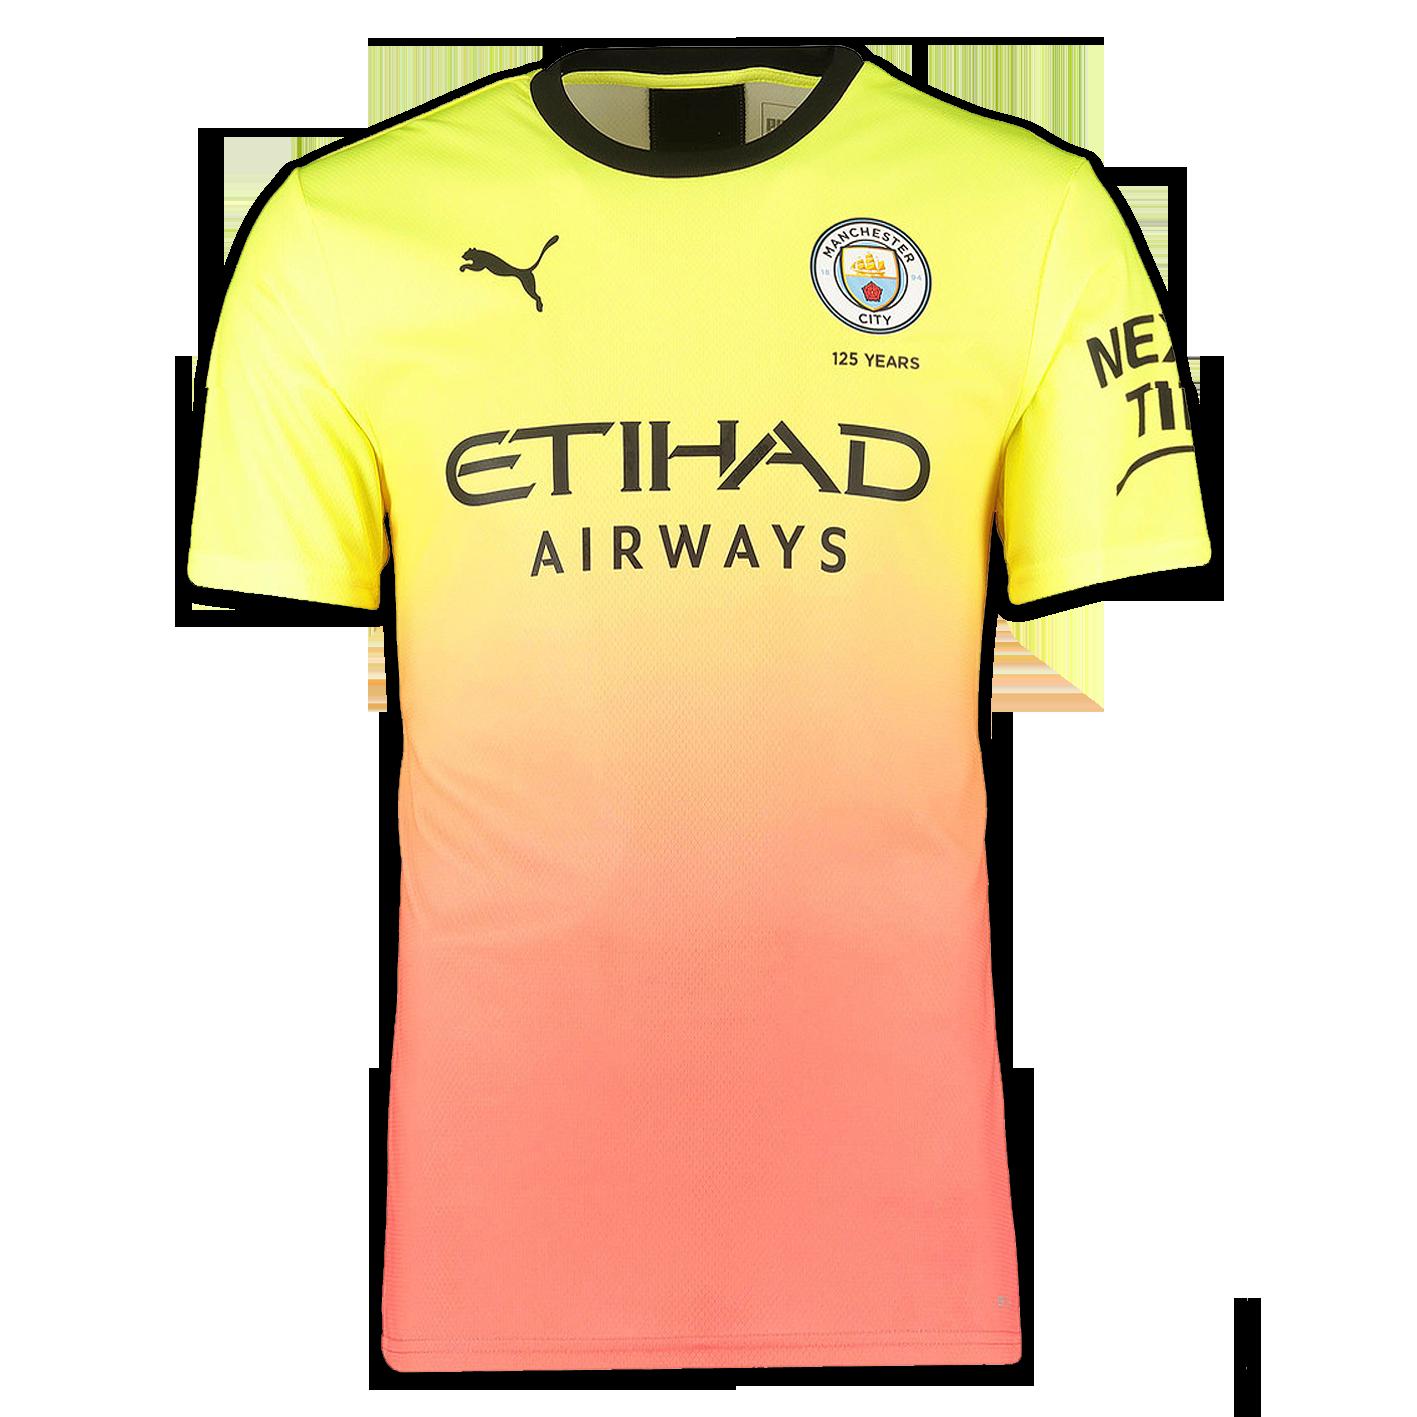 Imagem De Football Kits Por Alex Sunter Camisa Times Europeus Borussia Dortmund Camisa